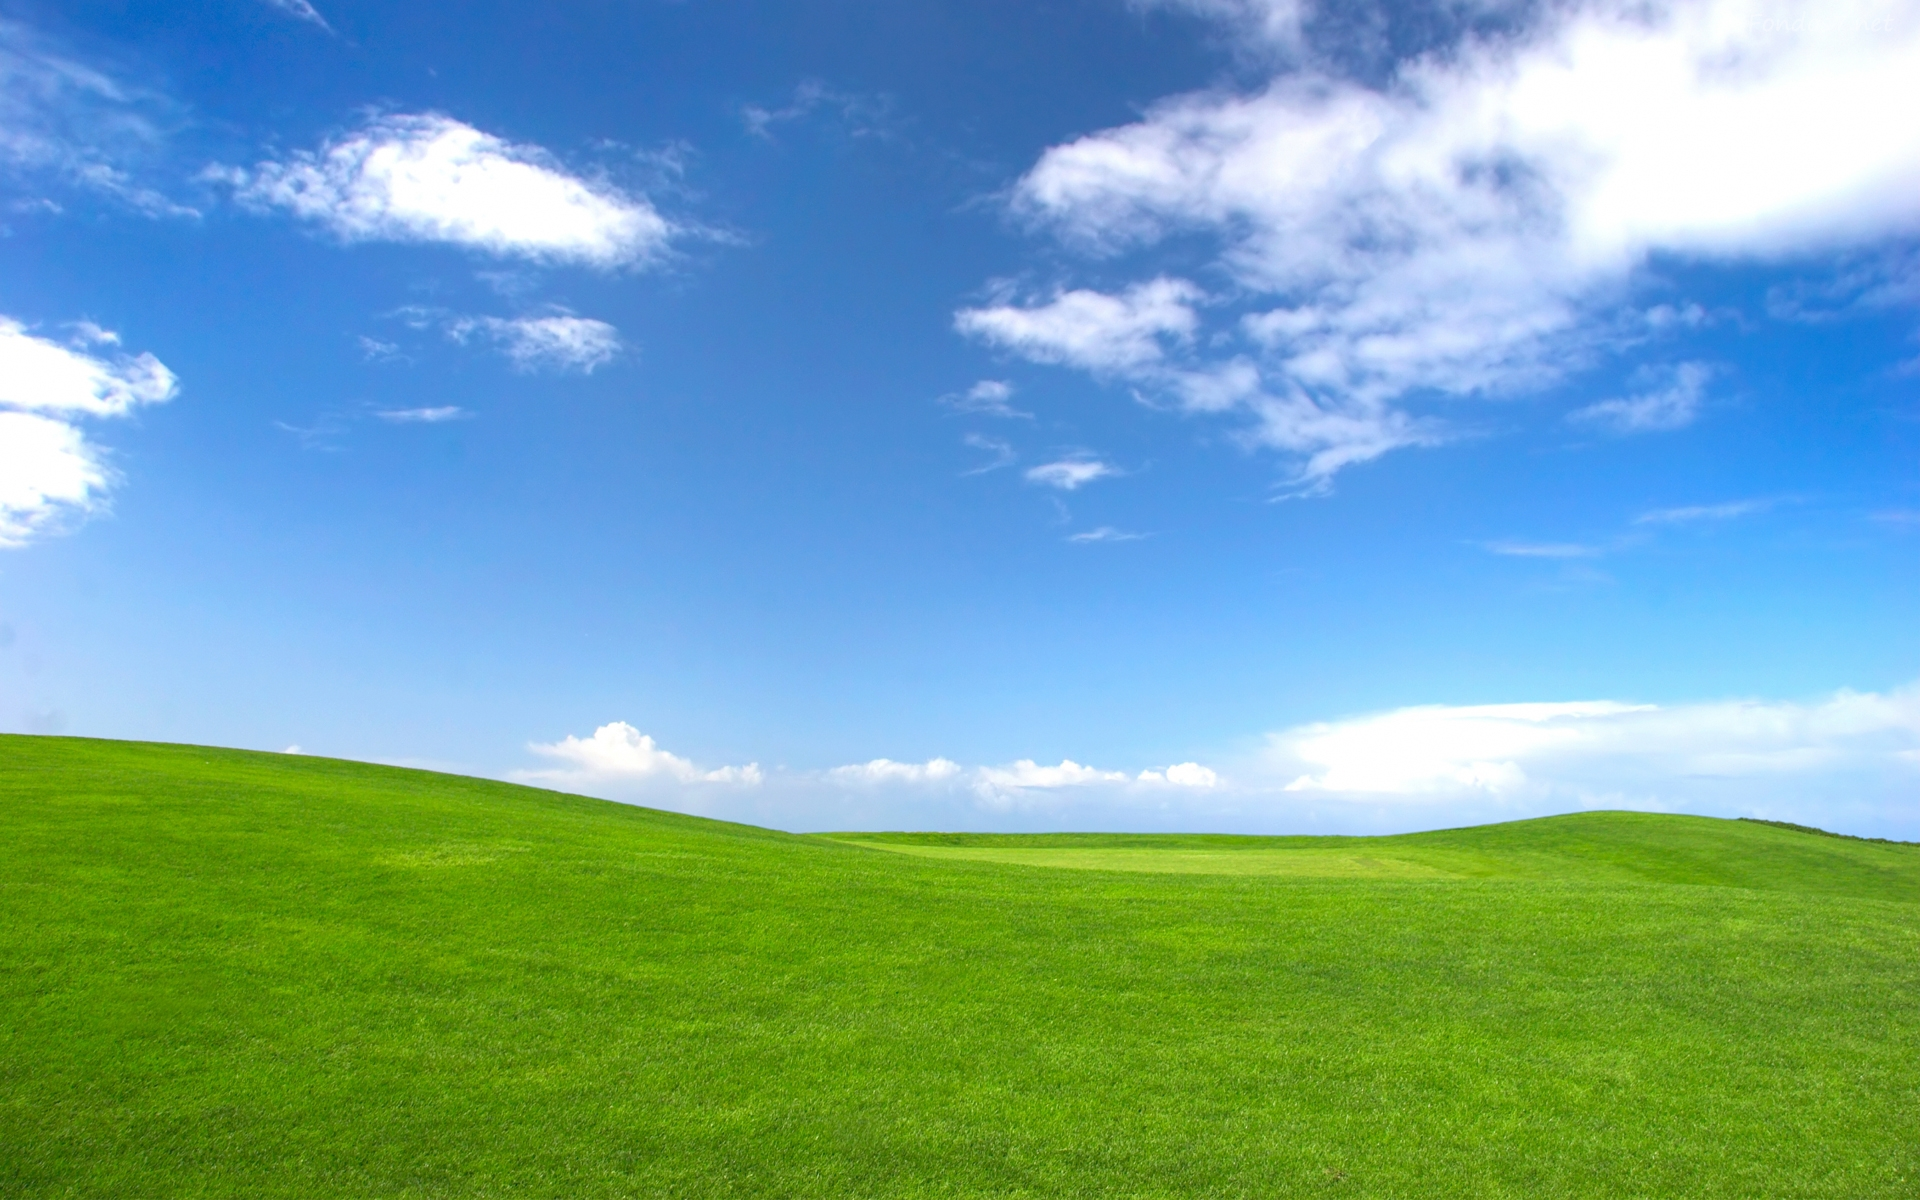 de pantalla el paisajes de windows hd widescreen Gratis imagenes 1780 1920x1200